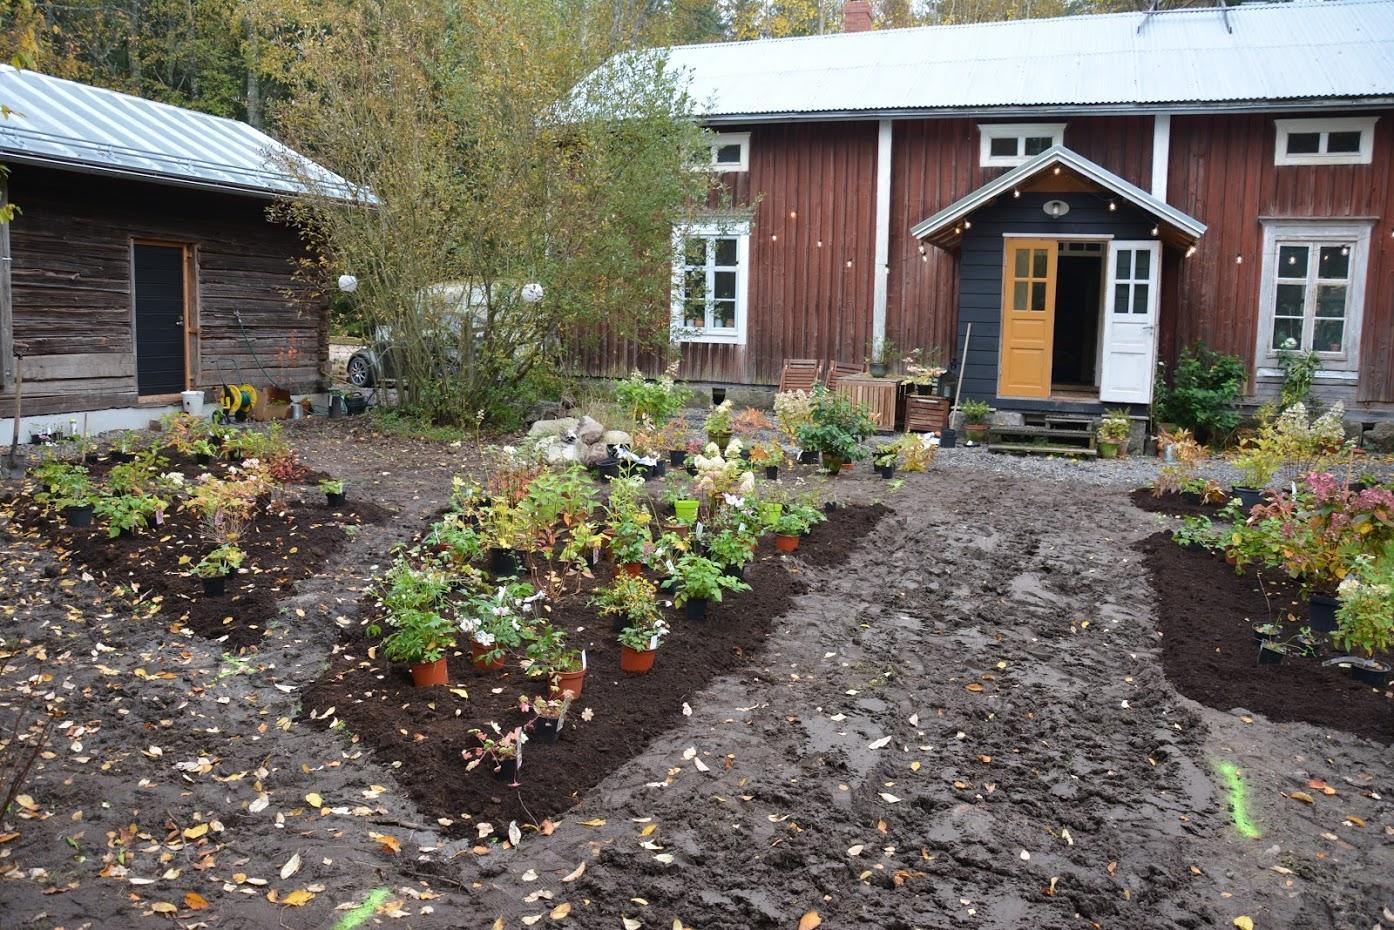 O zahradě - Obrázek č. 21